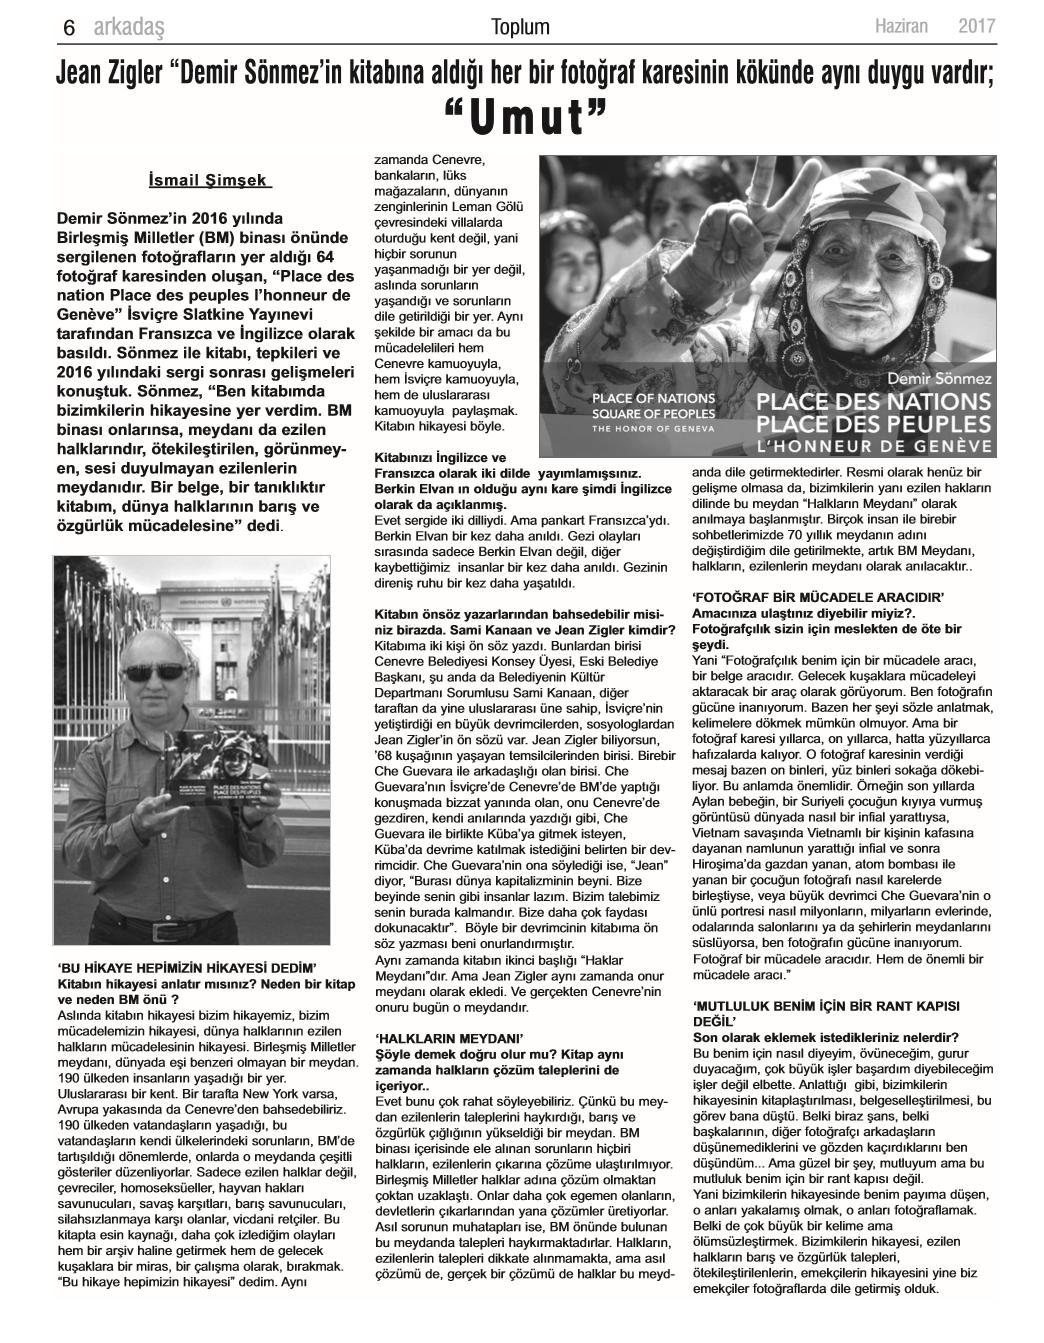 """Arkadas Gazetesi Haziran 2017 / Jean Ziegler """" Demir Sönmez'in kitabina aldigi her bir fotograf karesinin kökünde ayni duygu vardir; """"UMUT"""""""